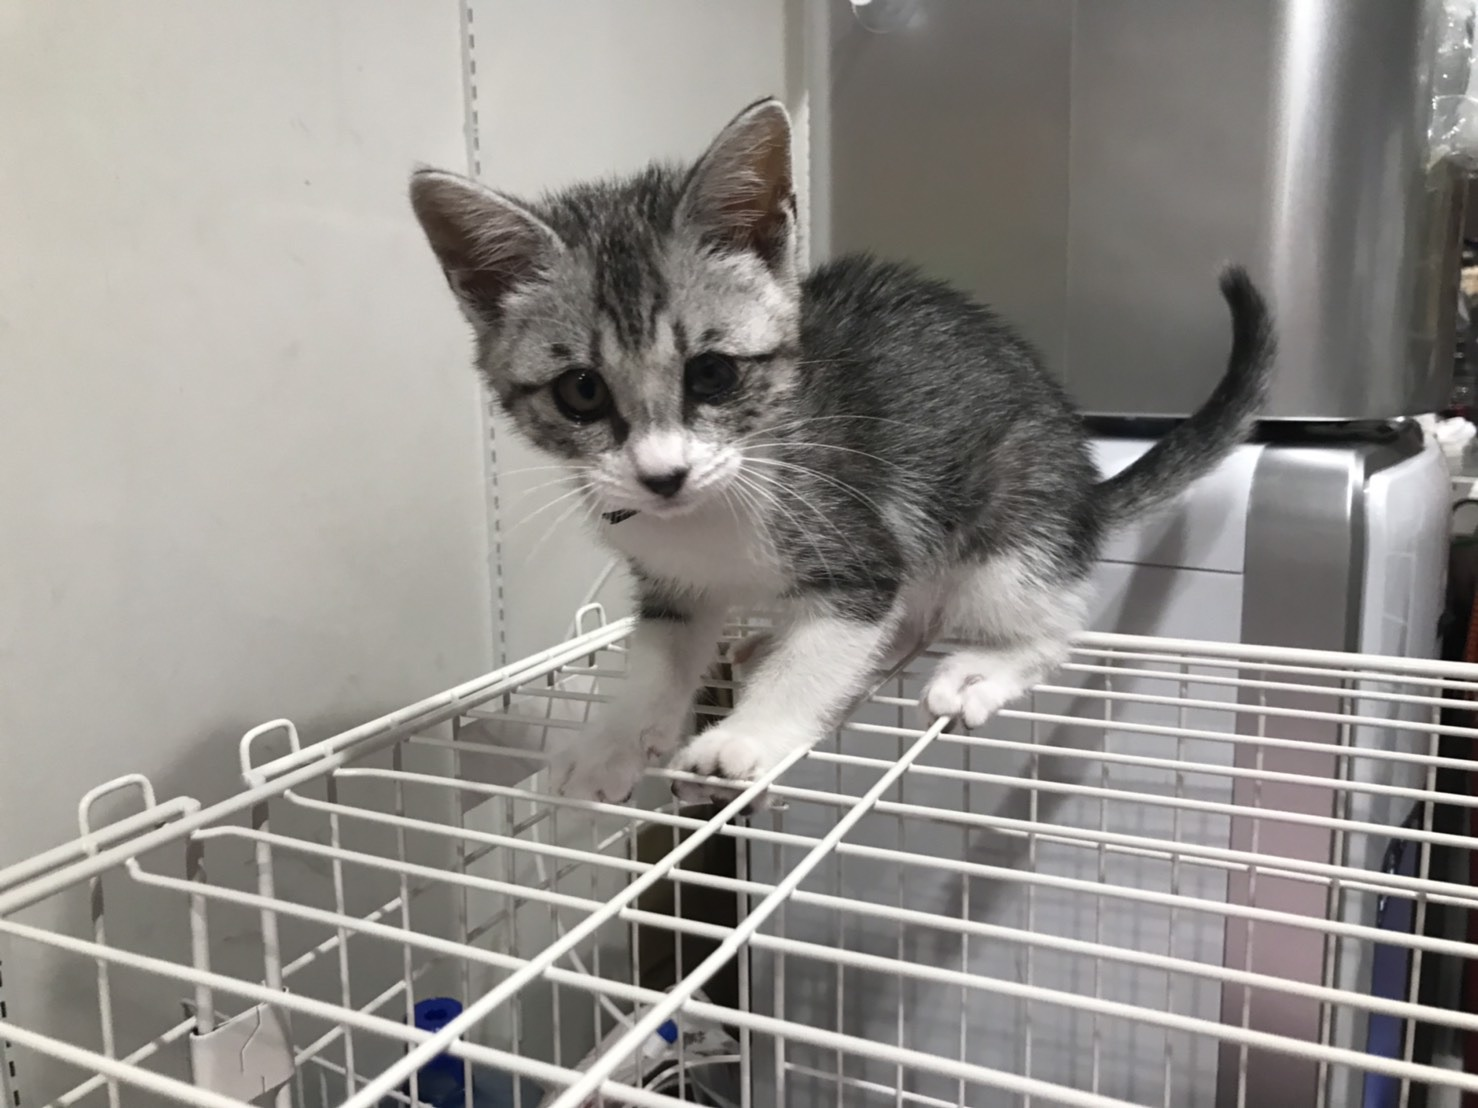 <p></p> <ul> <li>猫種:日本猫 キジトラグレー</li> <li>性別:女の子</li> <li>名前:ミルク</li> <li>年齢:現在2ヶ月半</li> <li>保護経緯:1匹でいたところを保護され連れてこられました</li> </ul>